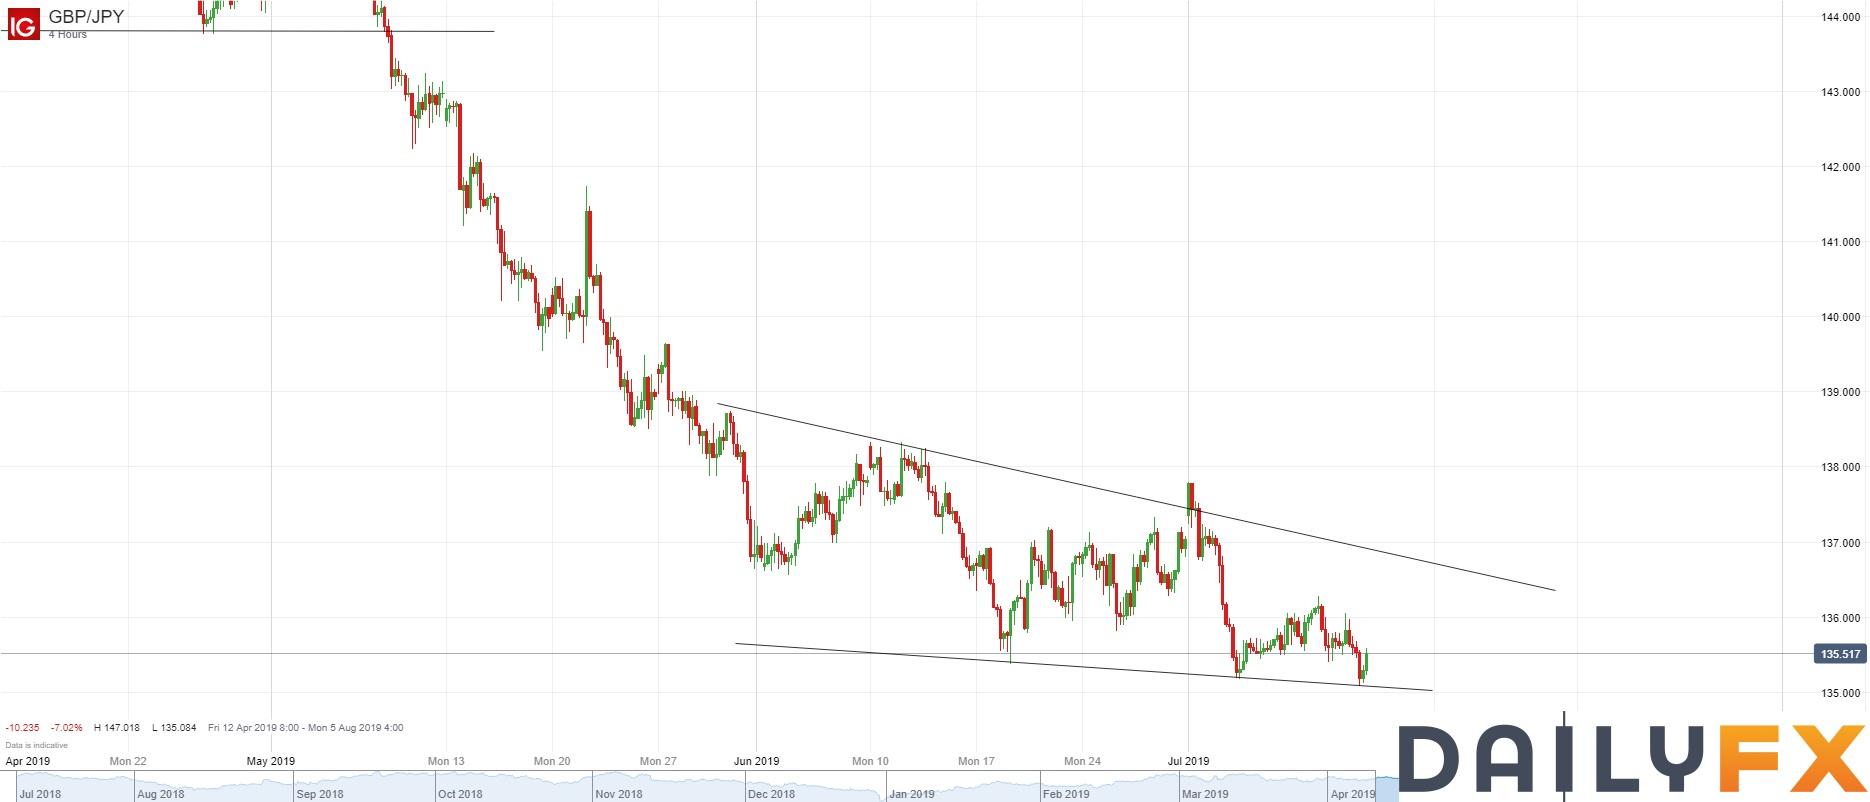 英镑/日元技术分析:4小时图在6月18日以来的支撑线处获得暂时性支持